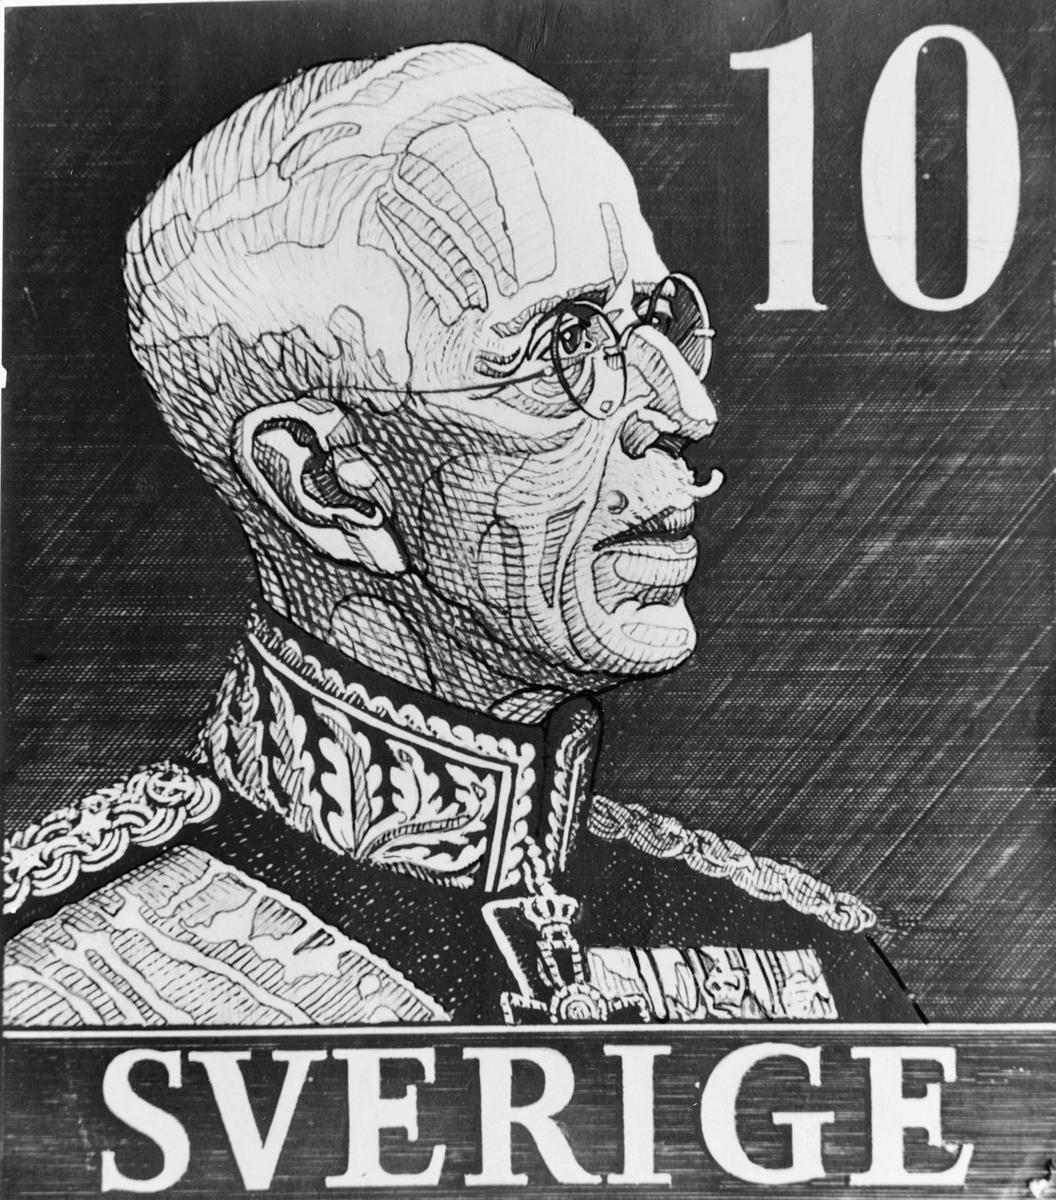 """Originalteckning till frimärket """"Gustaf V"""", utgivet 1939 med av gravören Sven Ewert markerade skuggpartier. Valör 10 öre."""